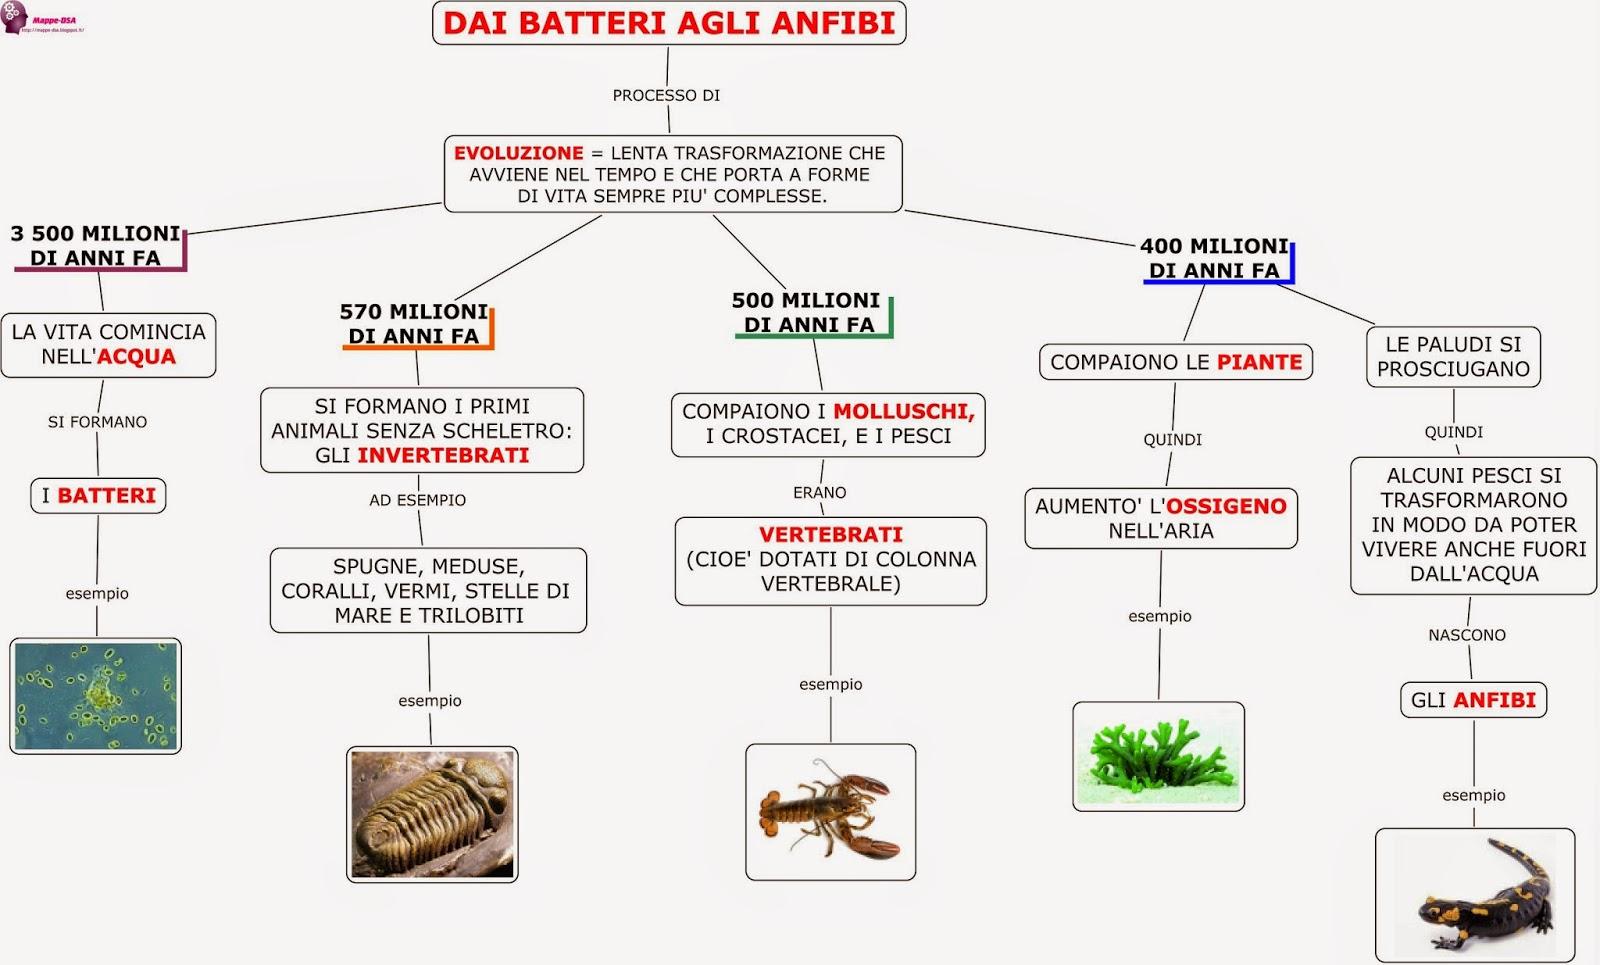 mappa dsa storia batteri anfibi preistoria